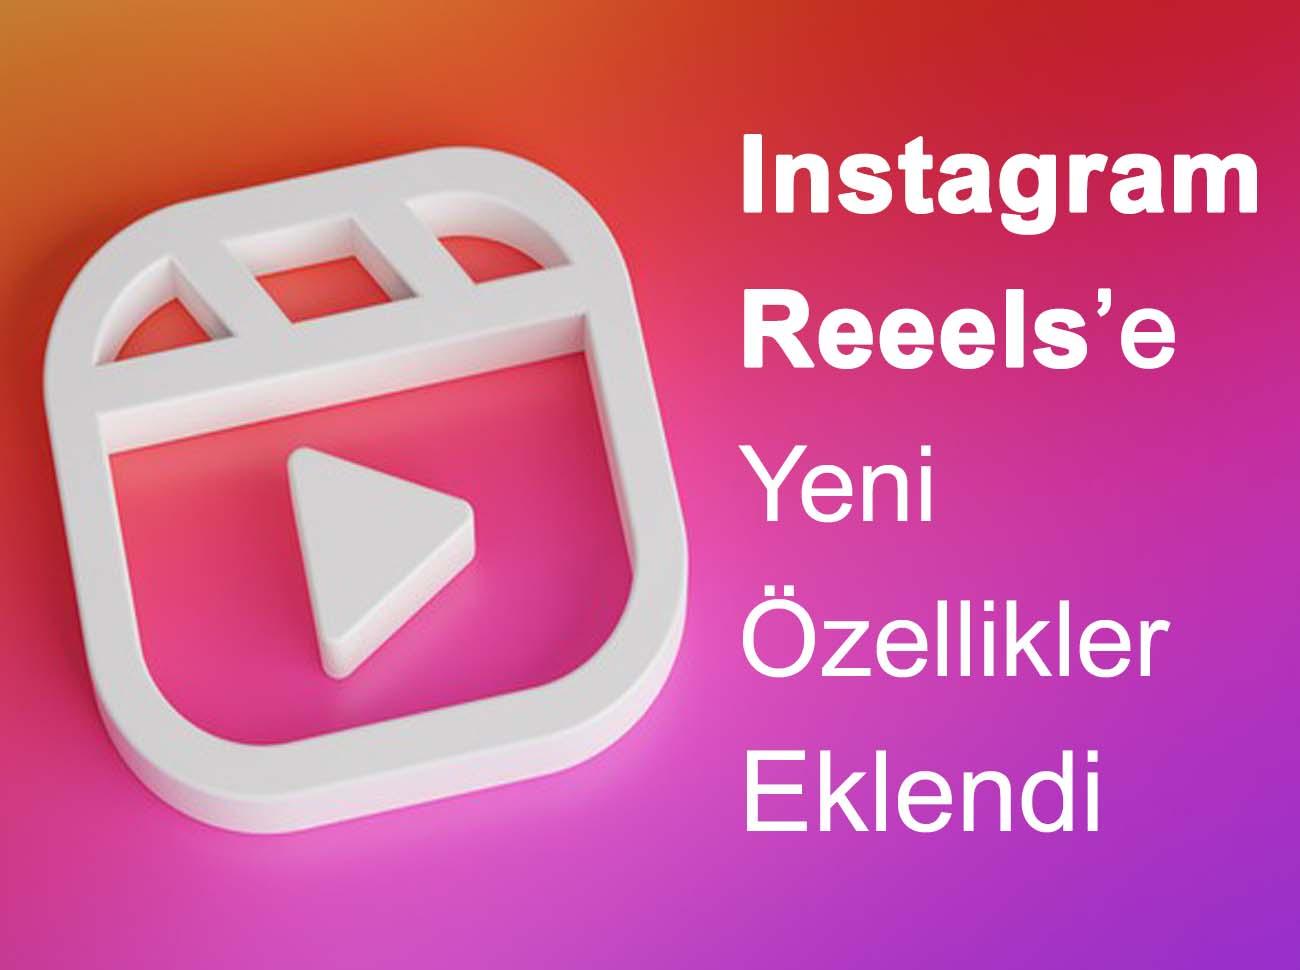 Instagram Reels'e Yeni Özellikler Eklendi